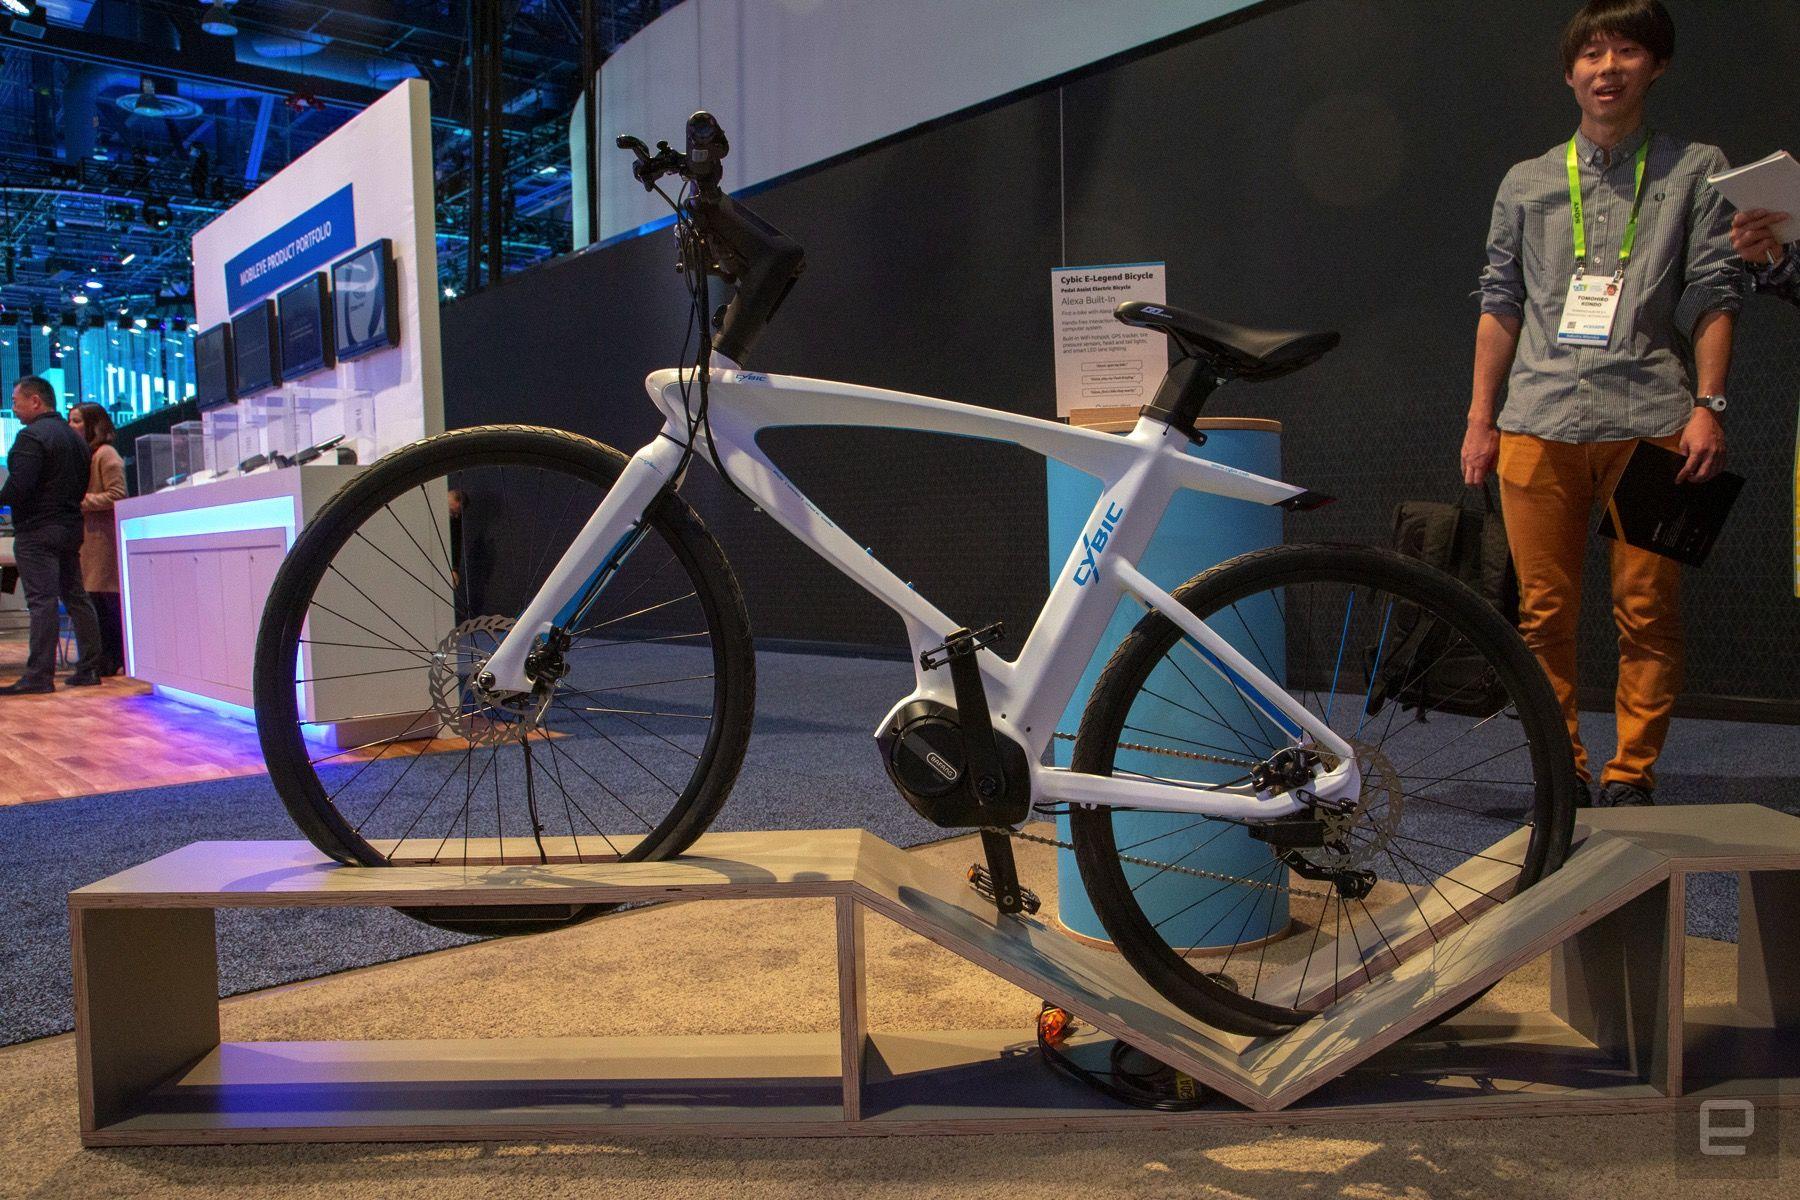 Alexa arriva persino sulle biciclette 1